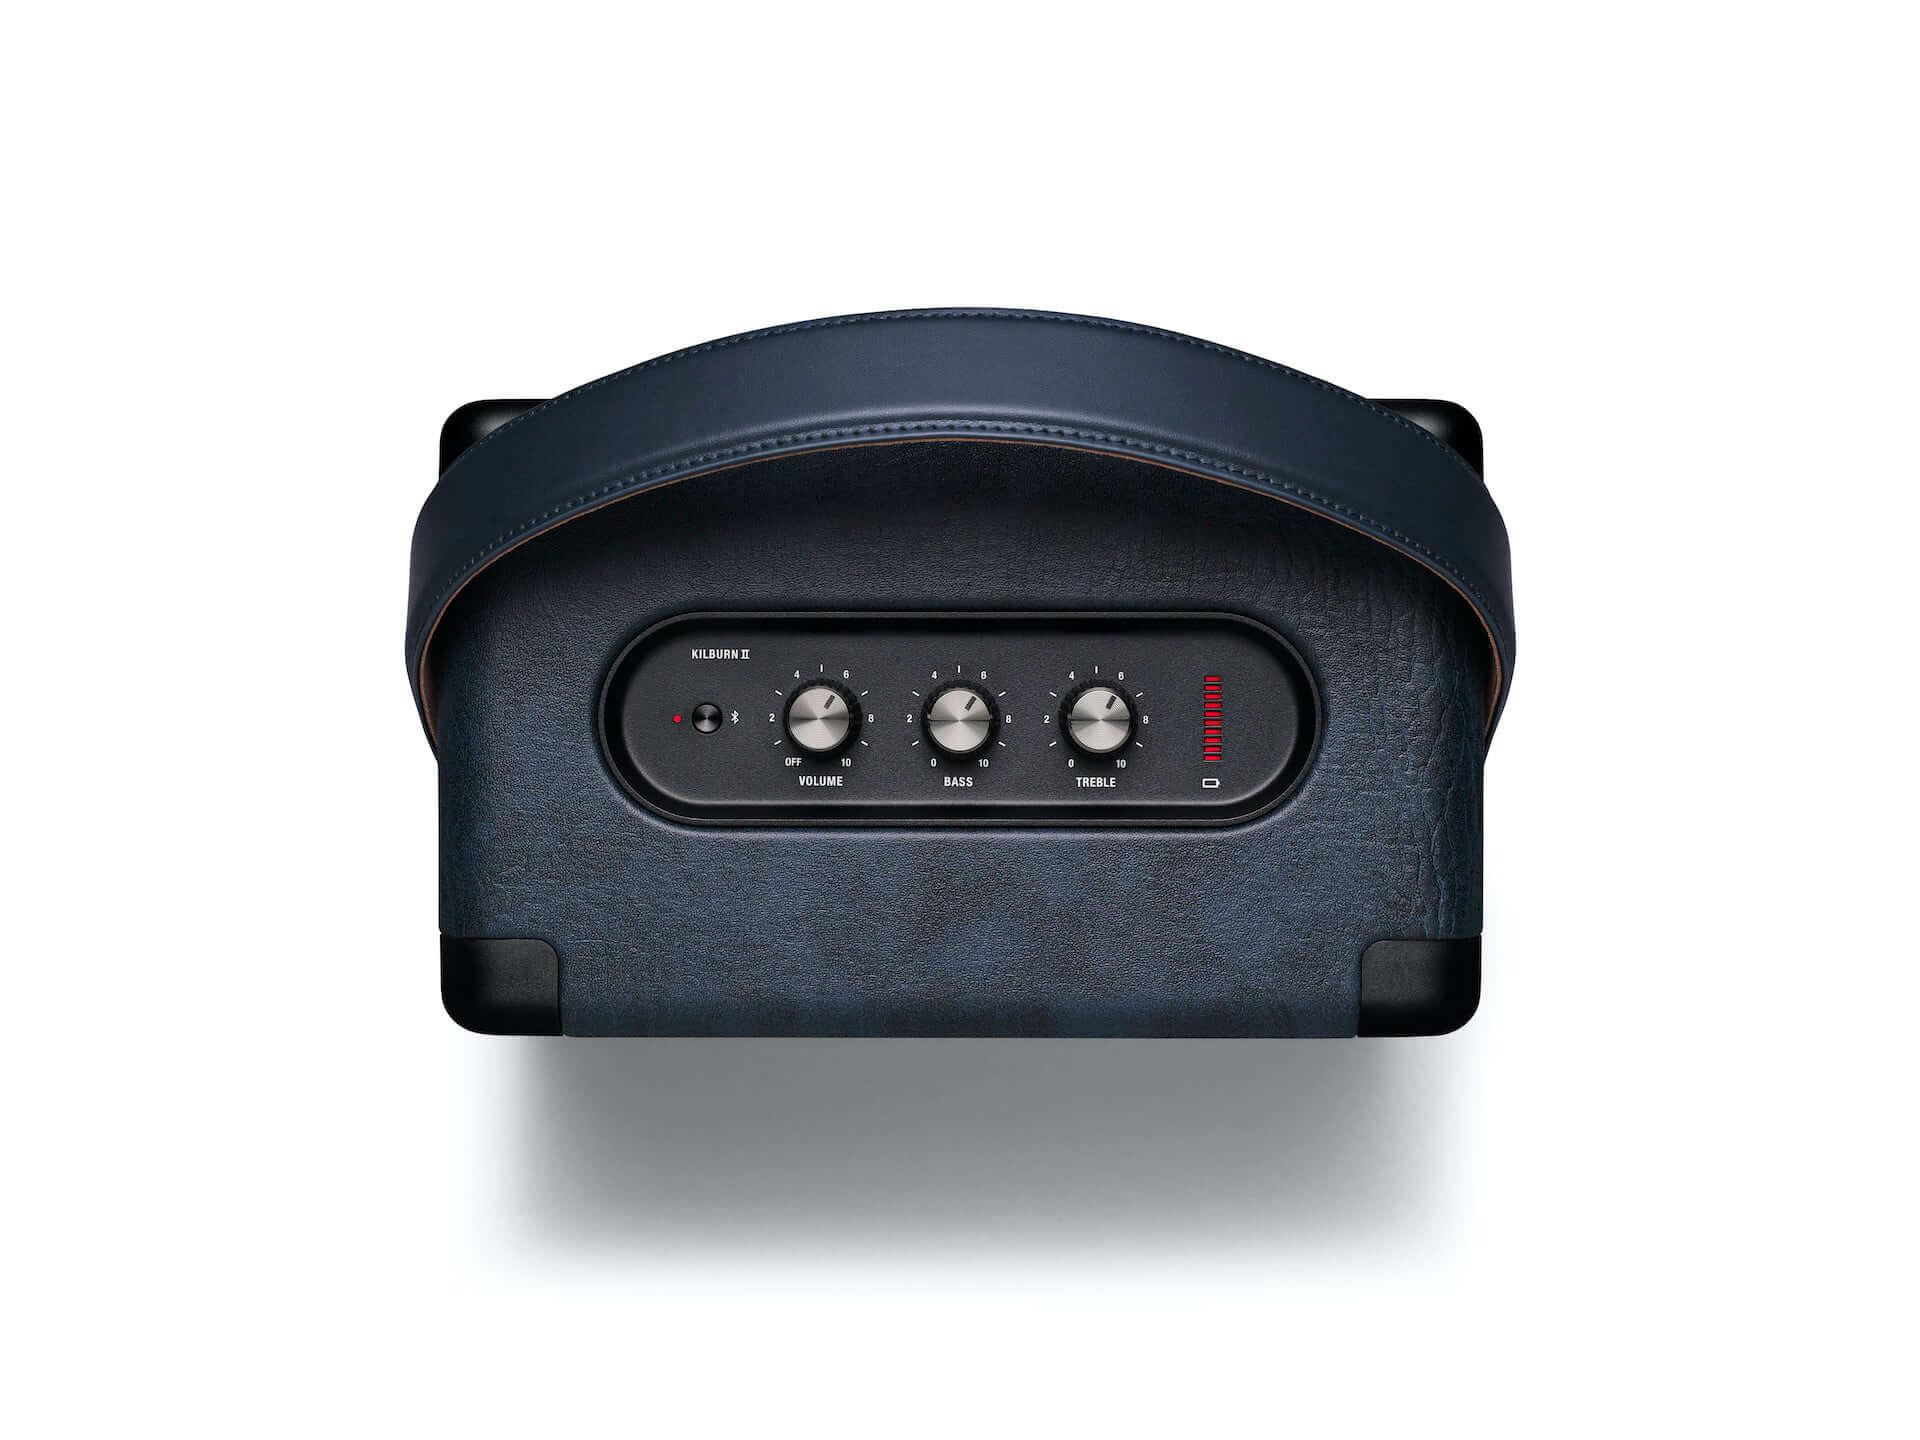 アウトドアシーンでも大活躍のMarshallポータブルスピーカー2モデルにビームス限定カラー・インディゴが登場!本日より予約受付開始 tech201201_marshall-beams_3-1920x1440